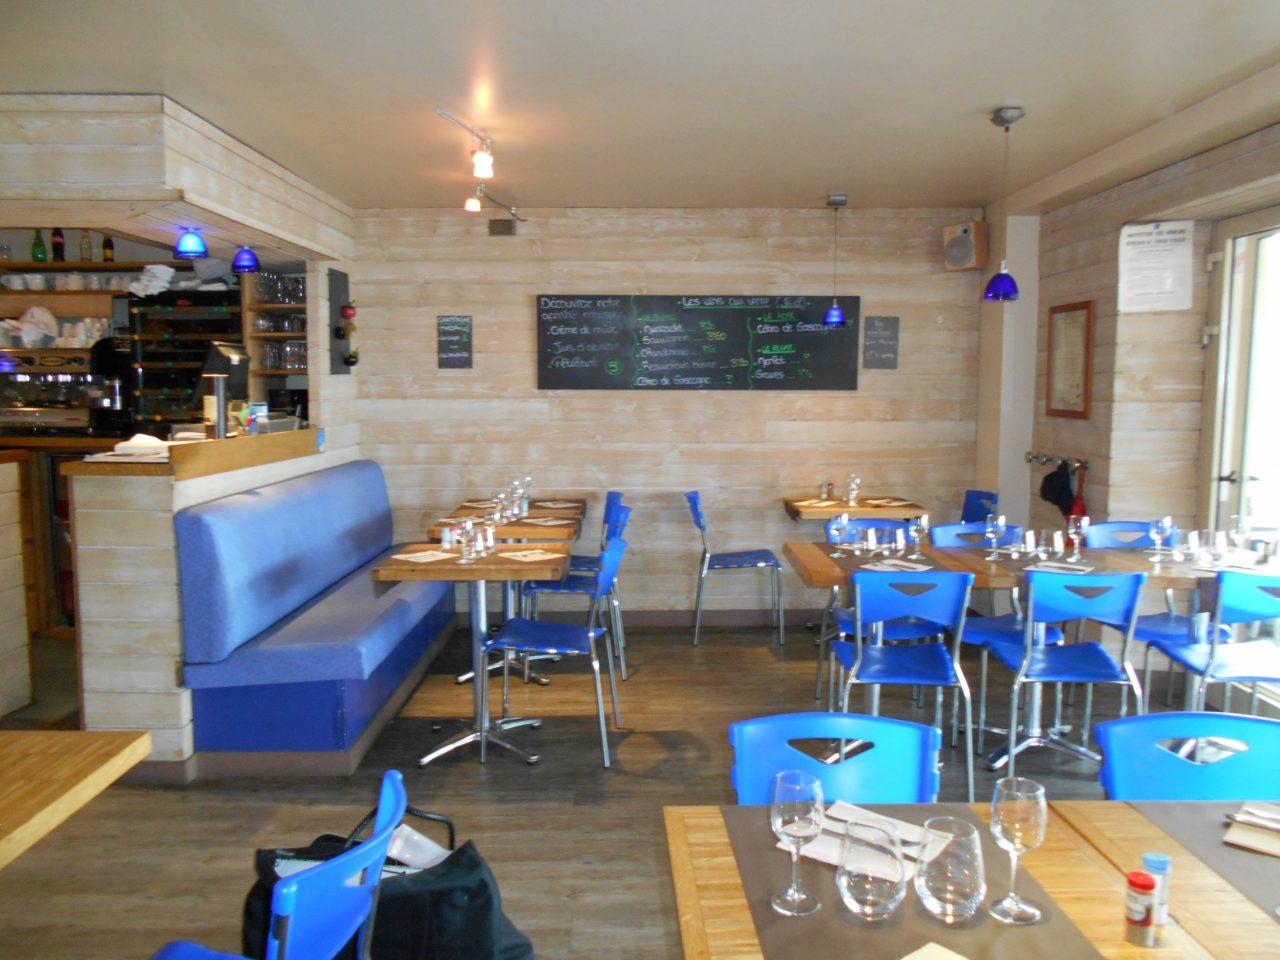 Erquy22 Restaurant Rénovation Vivier Complète Du À Le nOPkZN08Xw